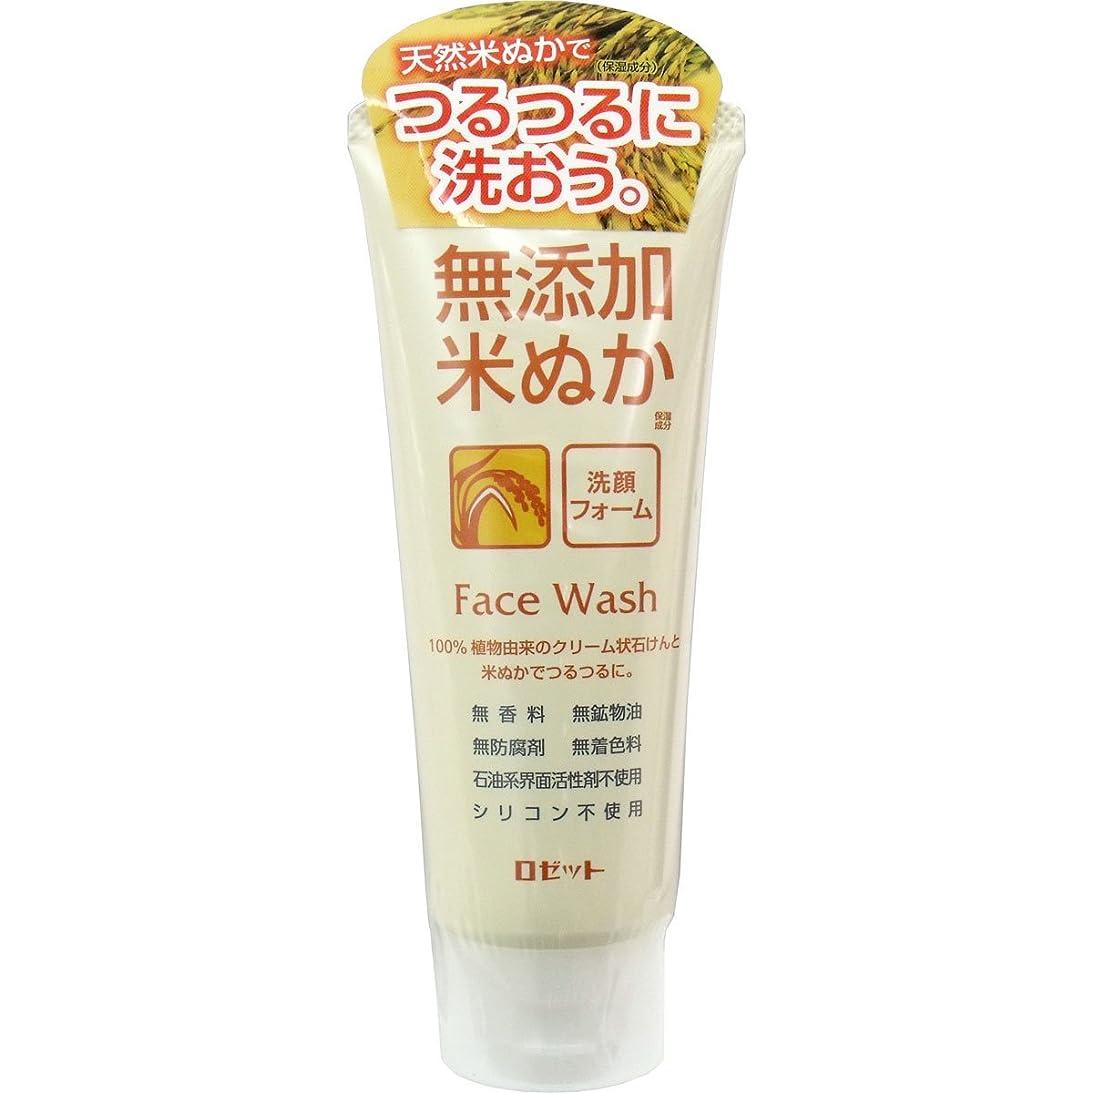 のホストリス真剣に【ロゼット】無添加米ぬか洗顔フォーム 140g ×20個セット